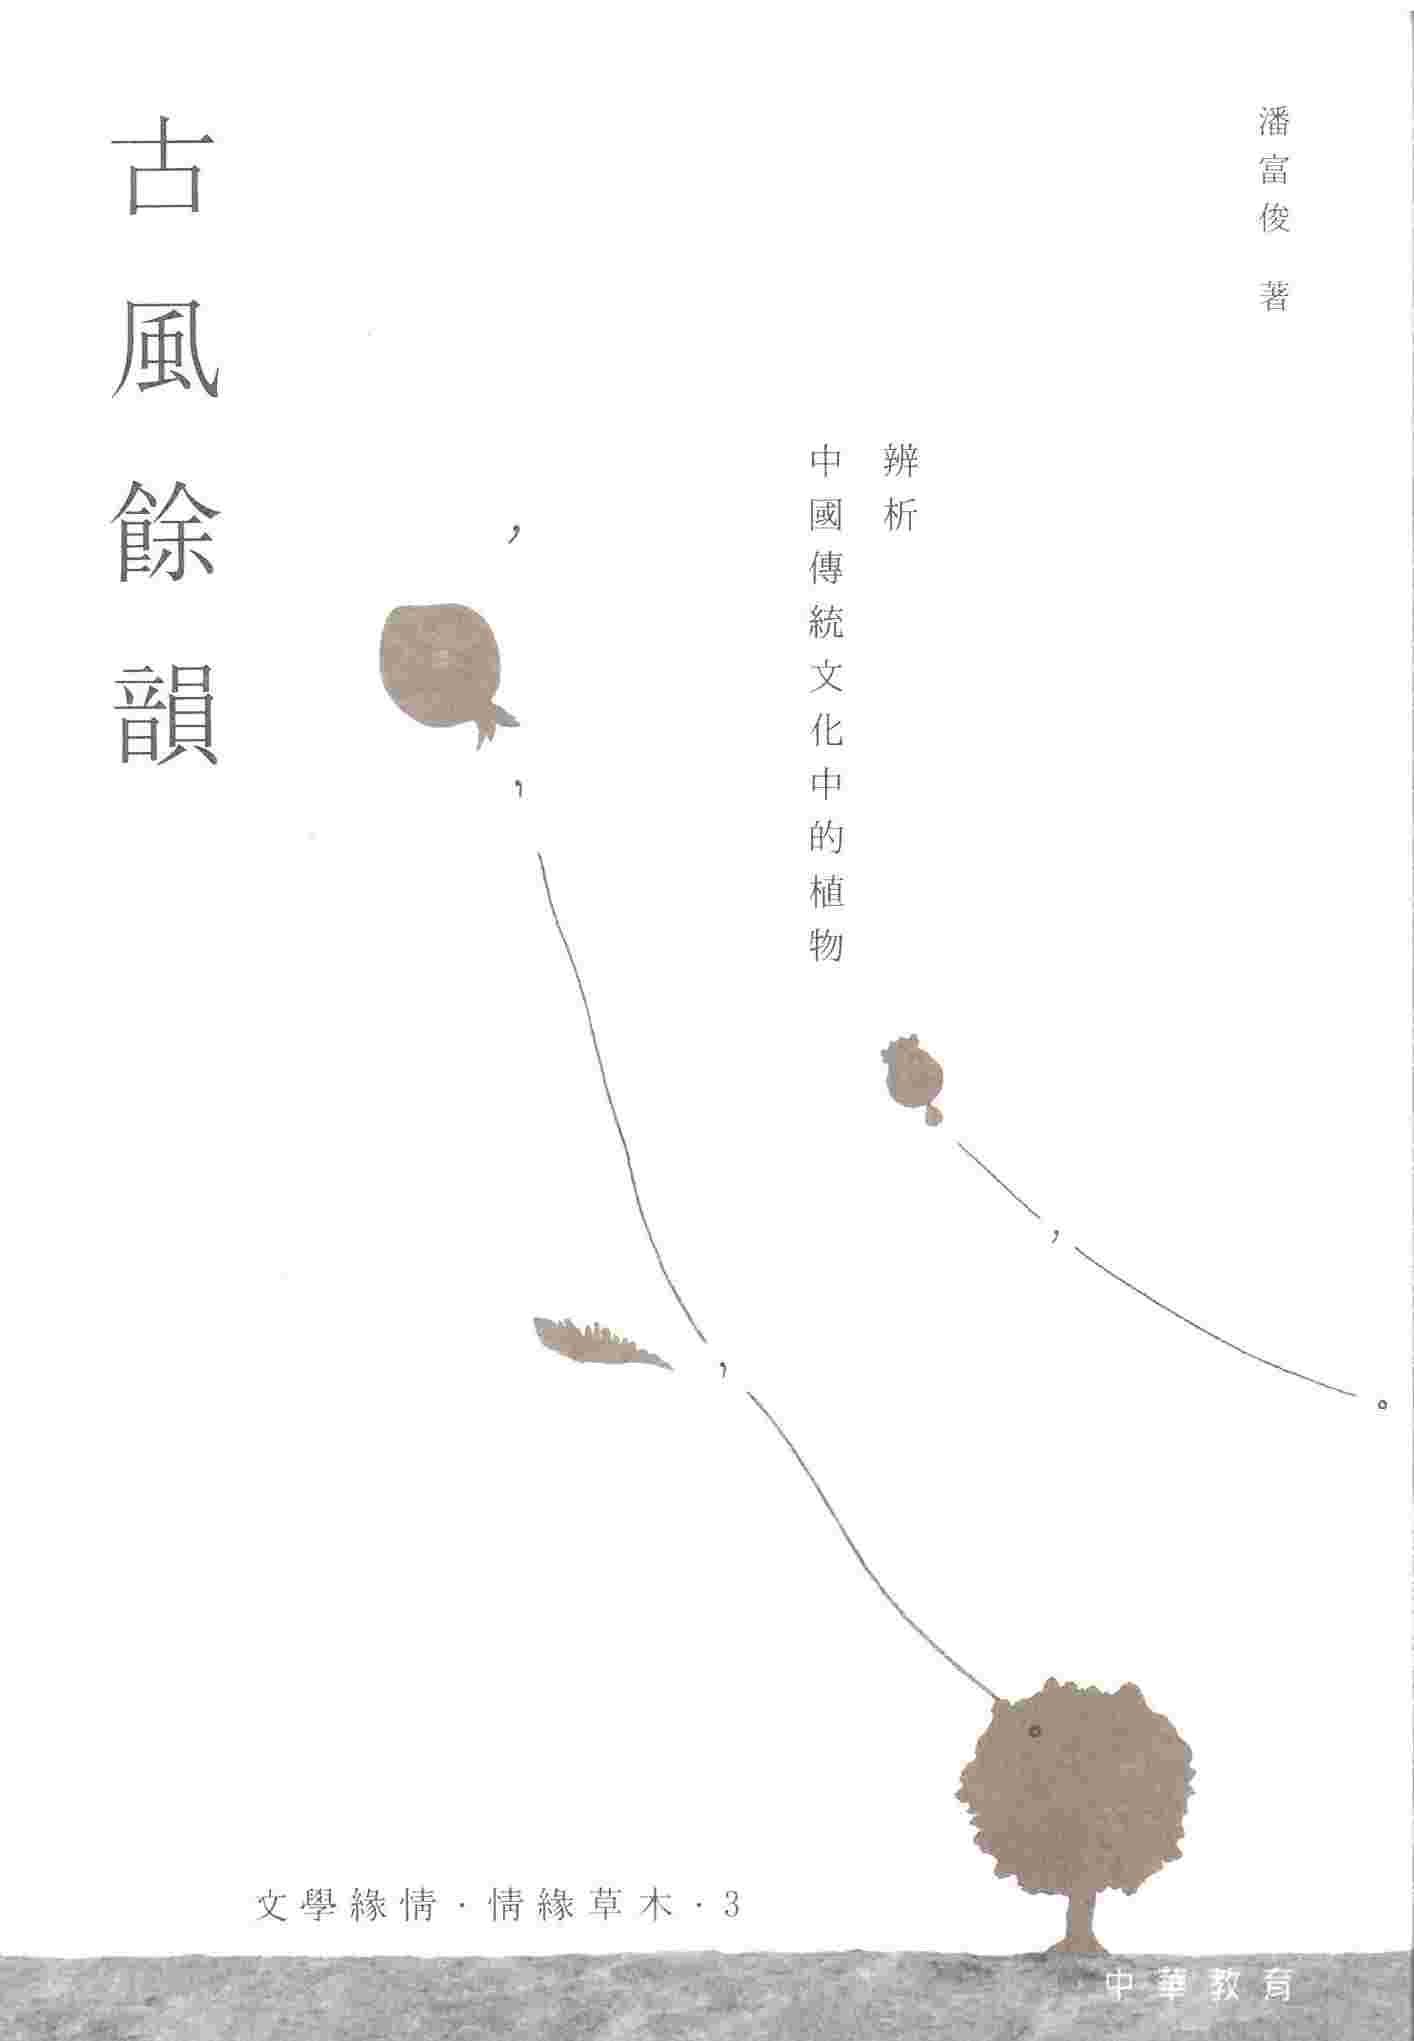 文學緣情.情緣草木 3 古風餘韻